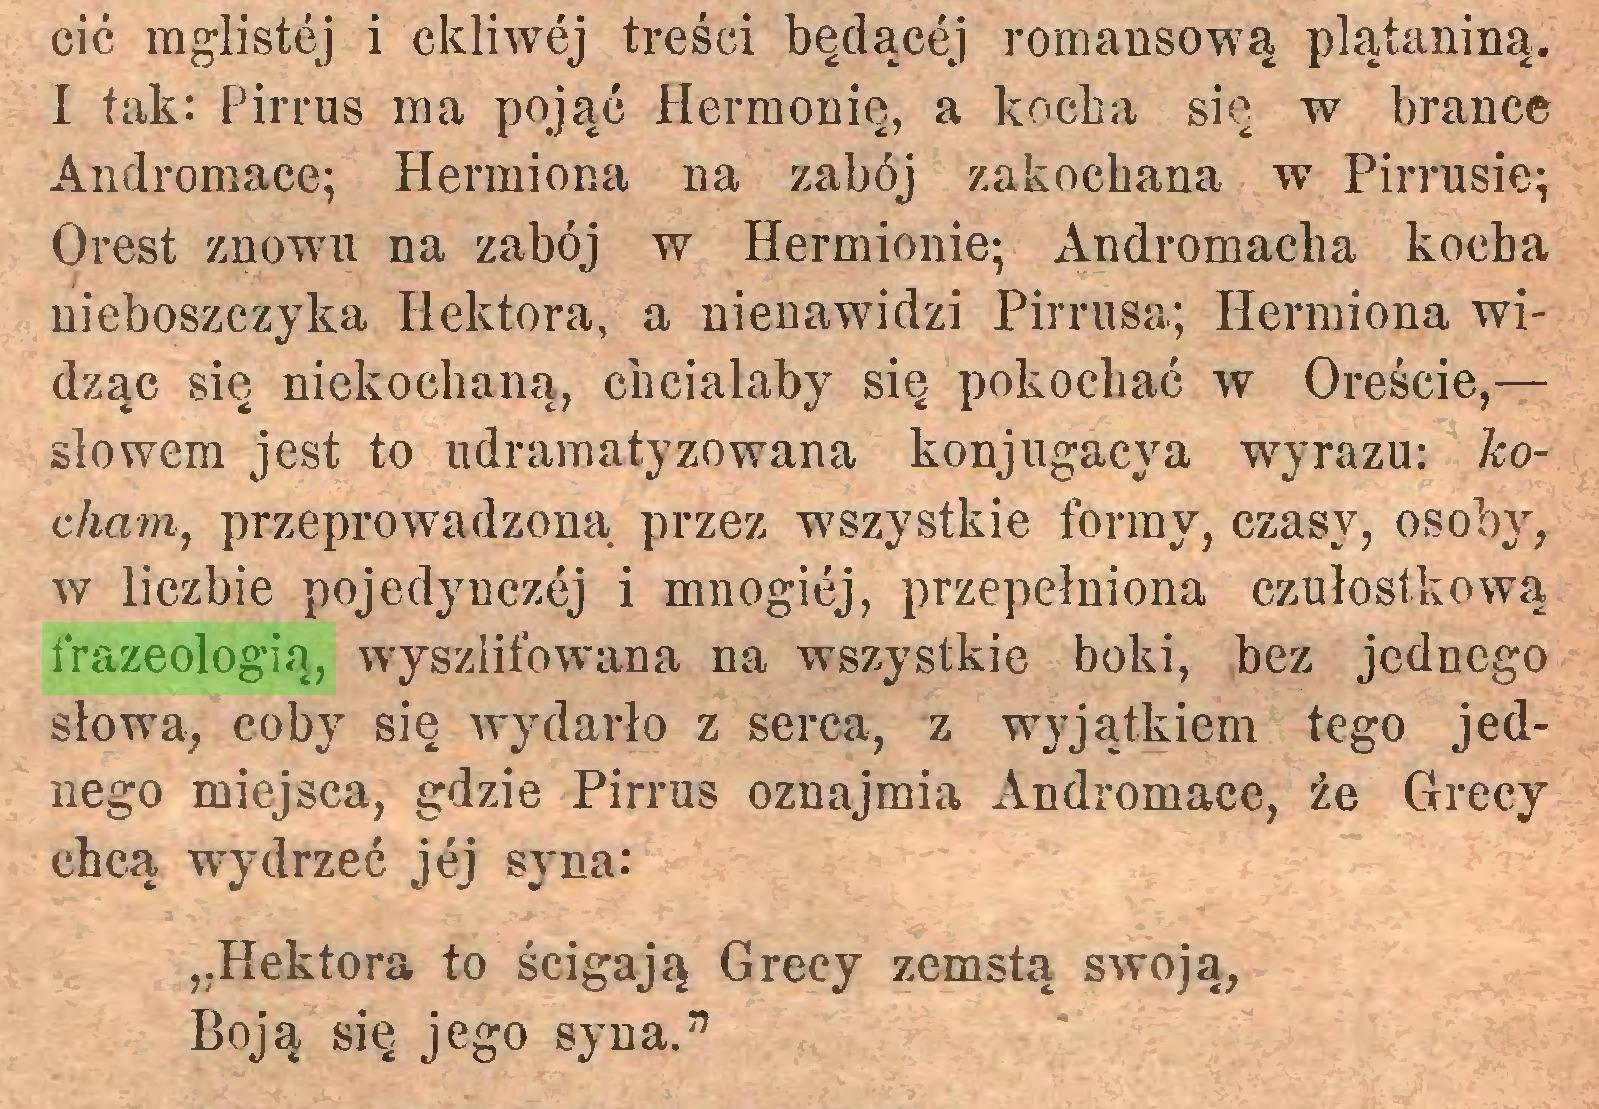 """(...) cić mglistej i ckliwej treści będącej romansową plątaniną. I tak: Pirrus ma pojąć Hermonię, a kocha się w brance Andromace; Hermiona na zabój zakochana w Pirrusie; Orest znowu na zabój w Hermionie; Andromacha kocha nieboszczyka Hektora, a nienawidzi Pirrusa; Hermiona widząc się niekochaną, chciałaby się pokochać w Oreście,— słowem jest to udramatyzowana konjugacya wyrazu: kocham, przeprowadzoną przez wszystkie formy, czasy, osoby, w liczbie pojedynczćj i mnogiej, przepełniona czułostkową frazeologią, węyszlifowana na wszystkie boki, bez jednego słowa, coby się wydarło z serca, z wyjątkiem tego jednego miejsca, gdzie Pirrus oznajmia Andromace, że Grecy chcą wydrzeć jej syna: """"Hektora to ścigają Grecy zemstą swoją, Boją się jego syna.""""..."""